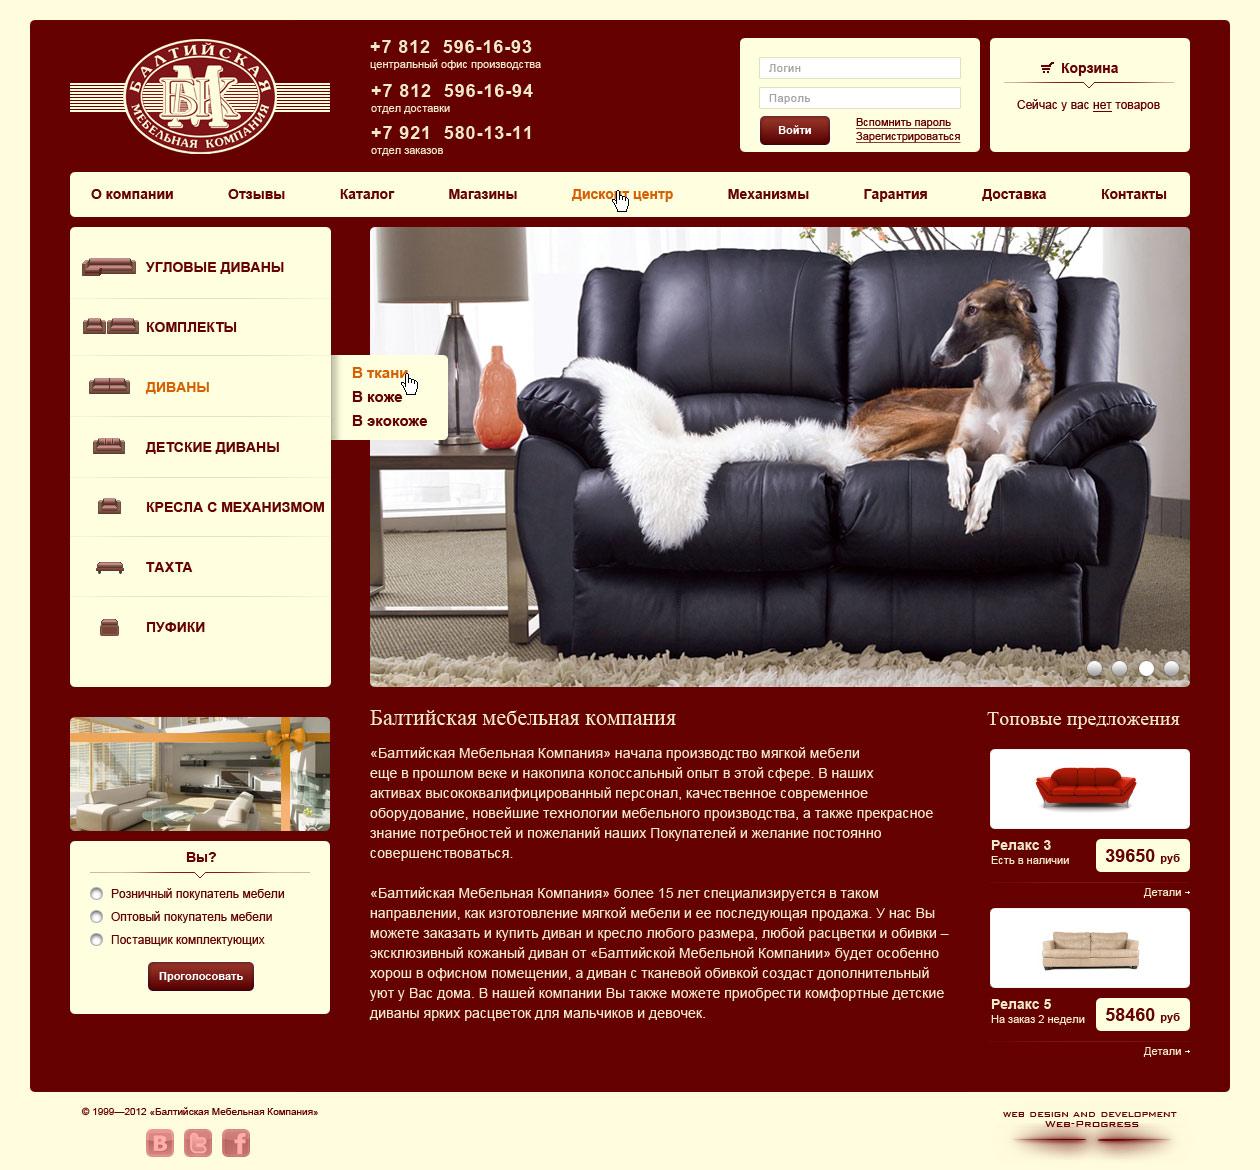 Балтийская мебельная компания веб-прогресс.